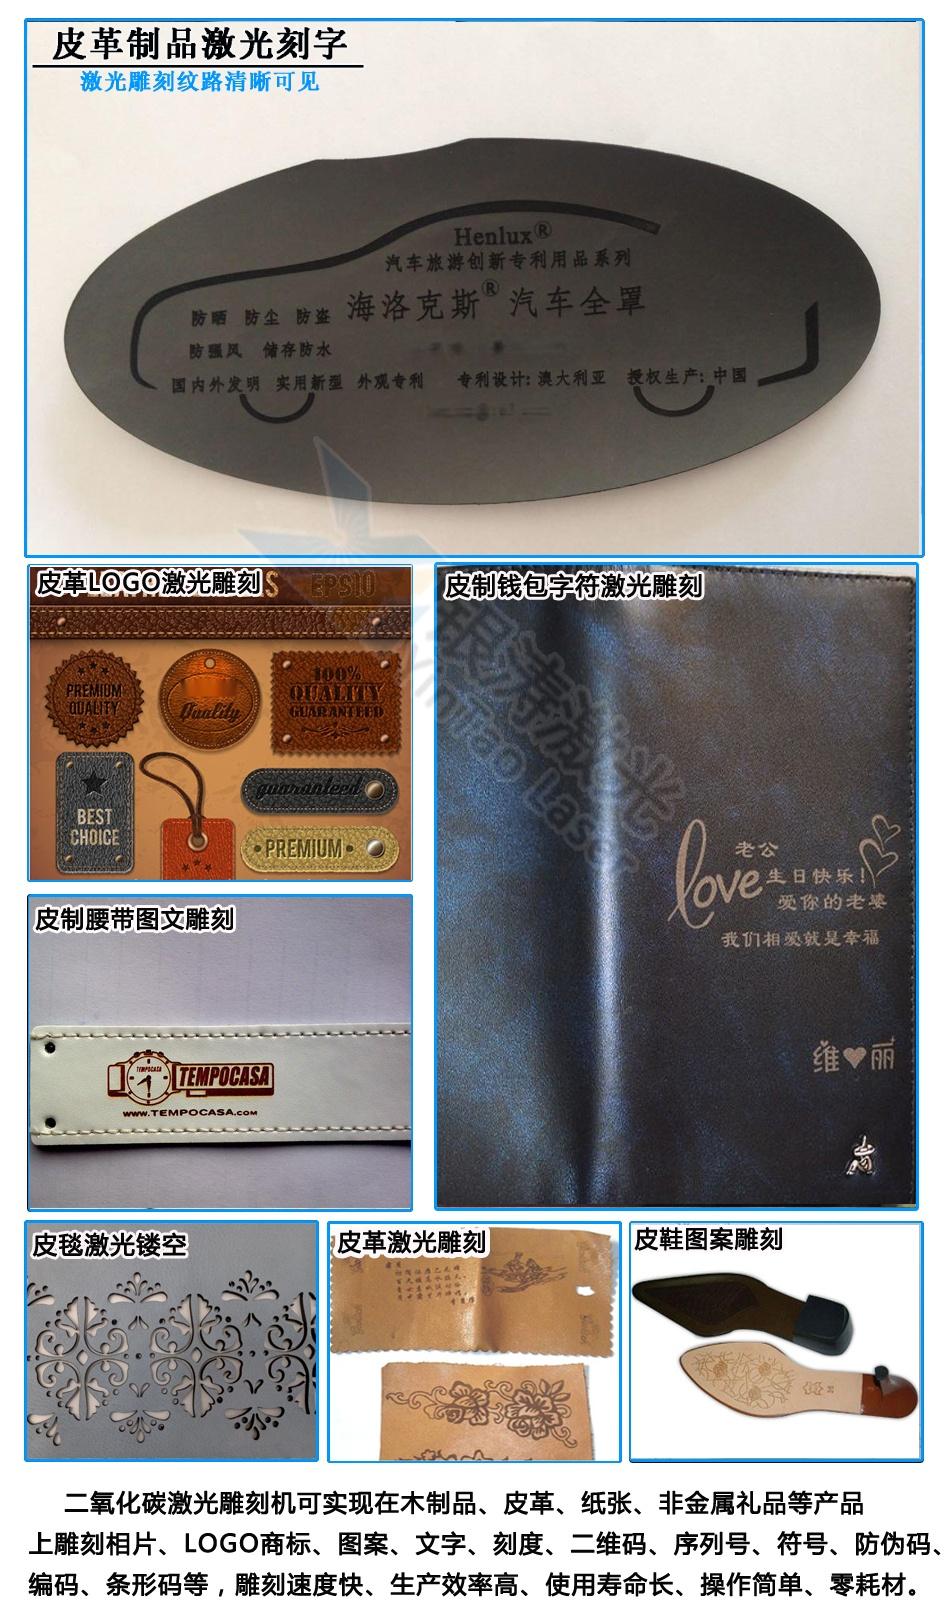 皮革製品首圖模版.jpg